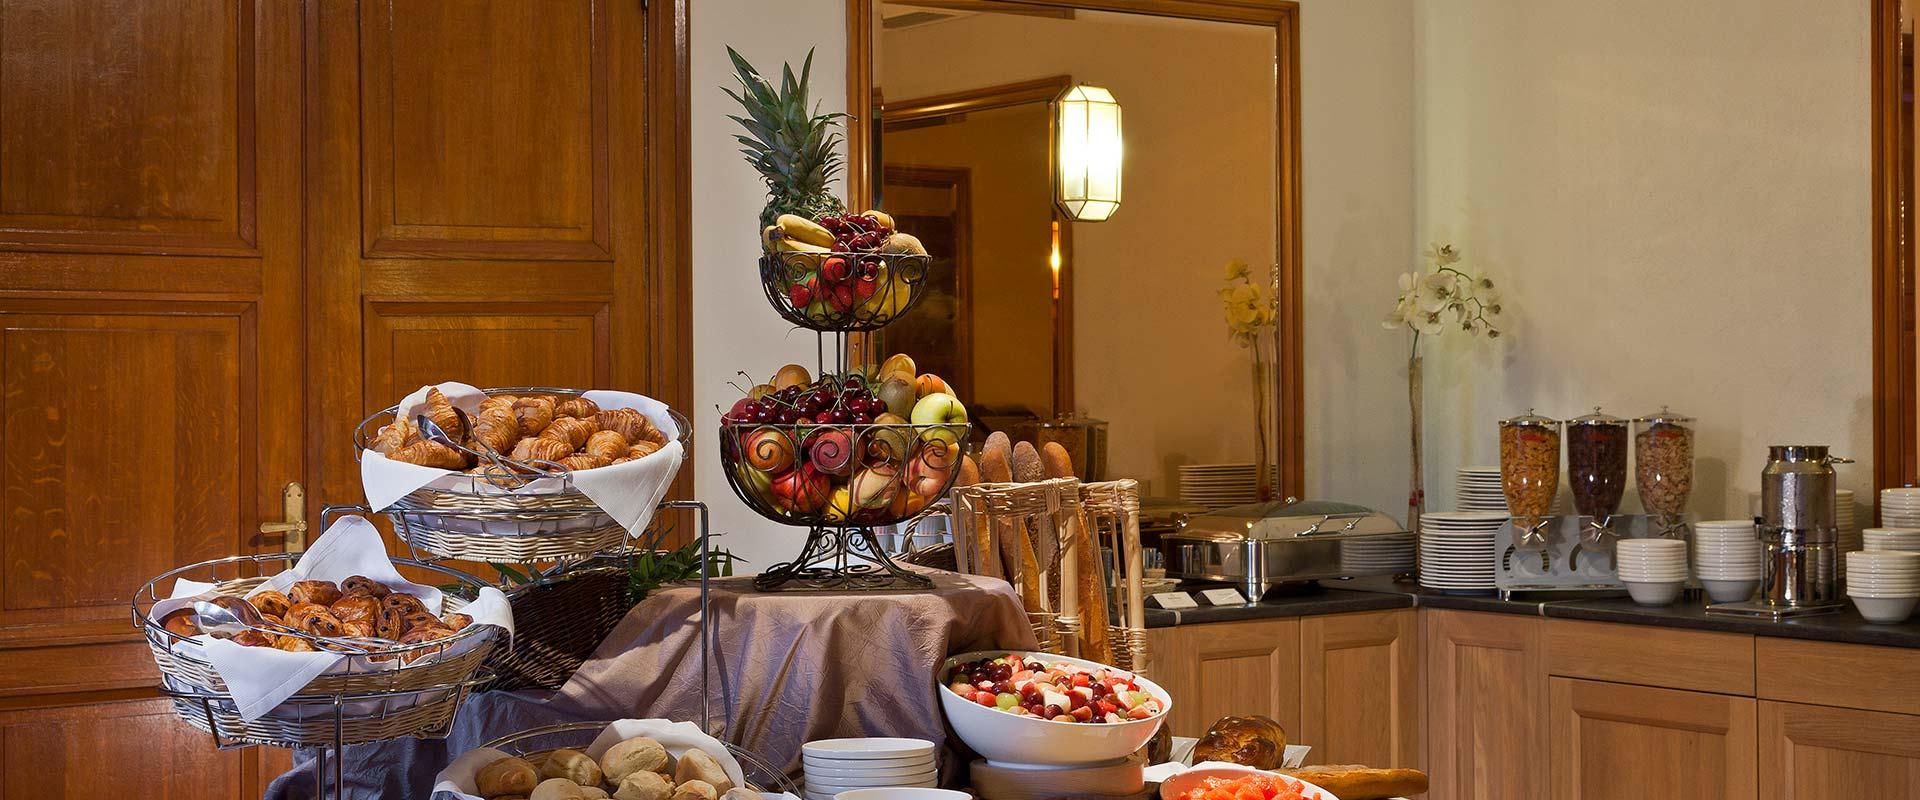 restaurant-gastronomique-petit-dejeuner